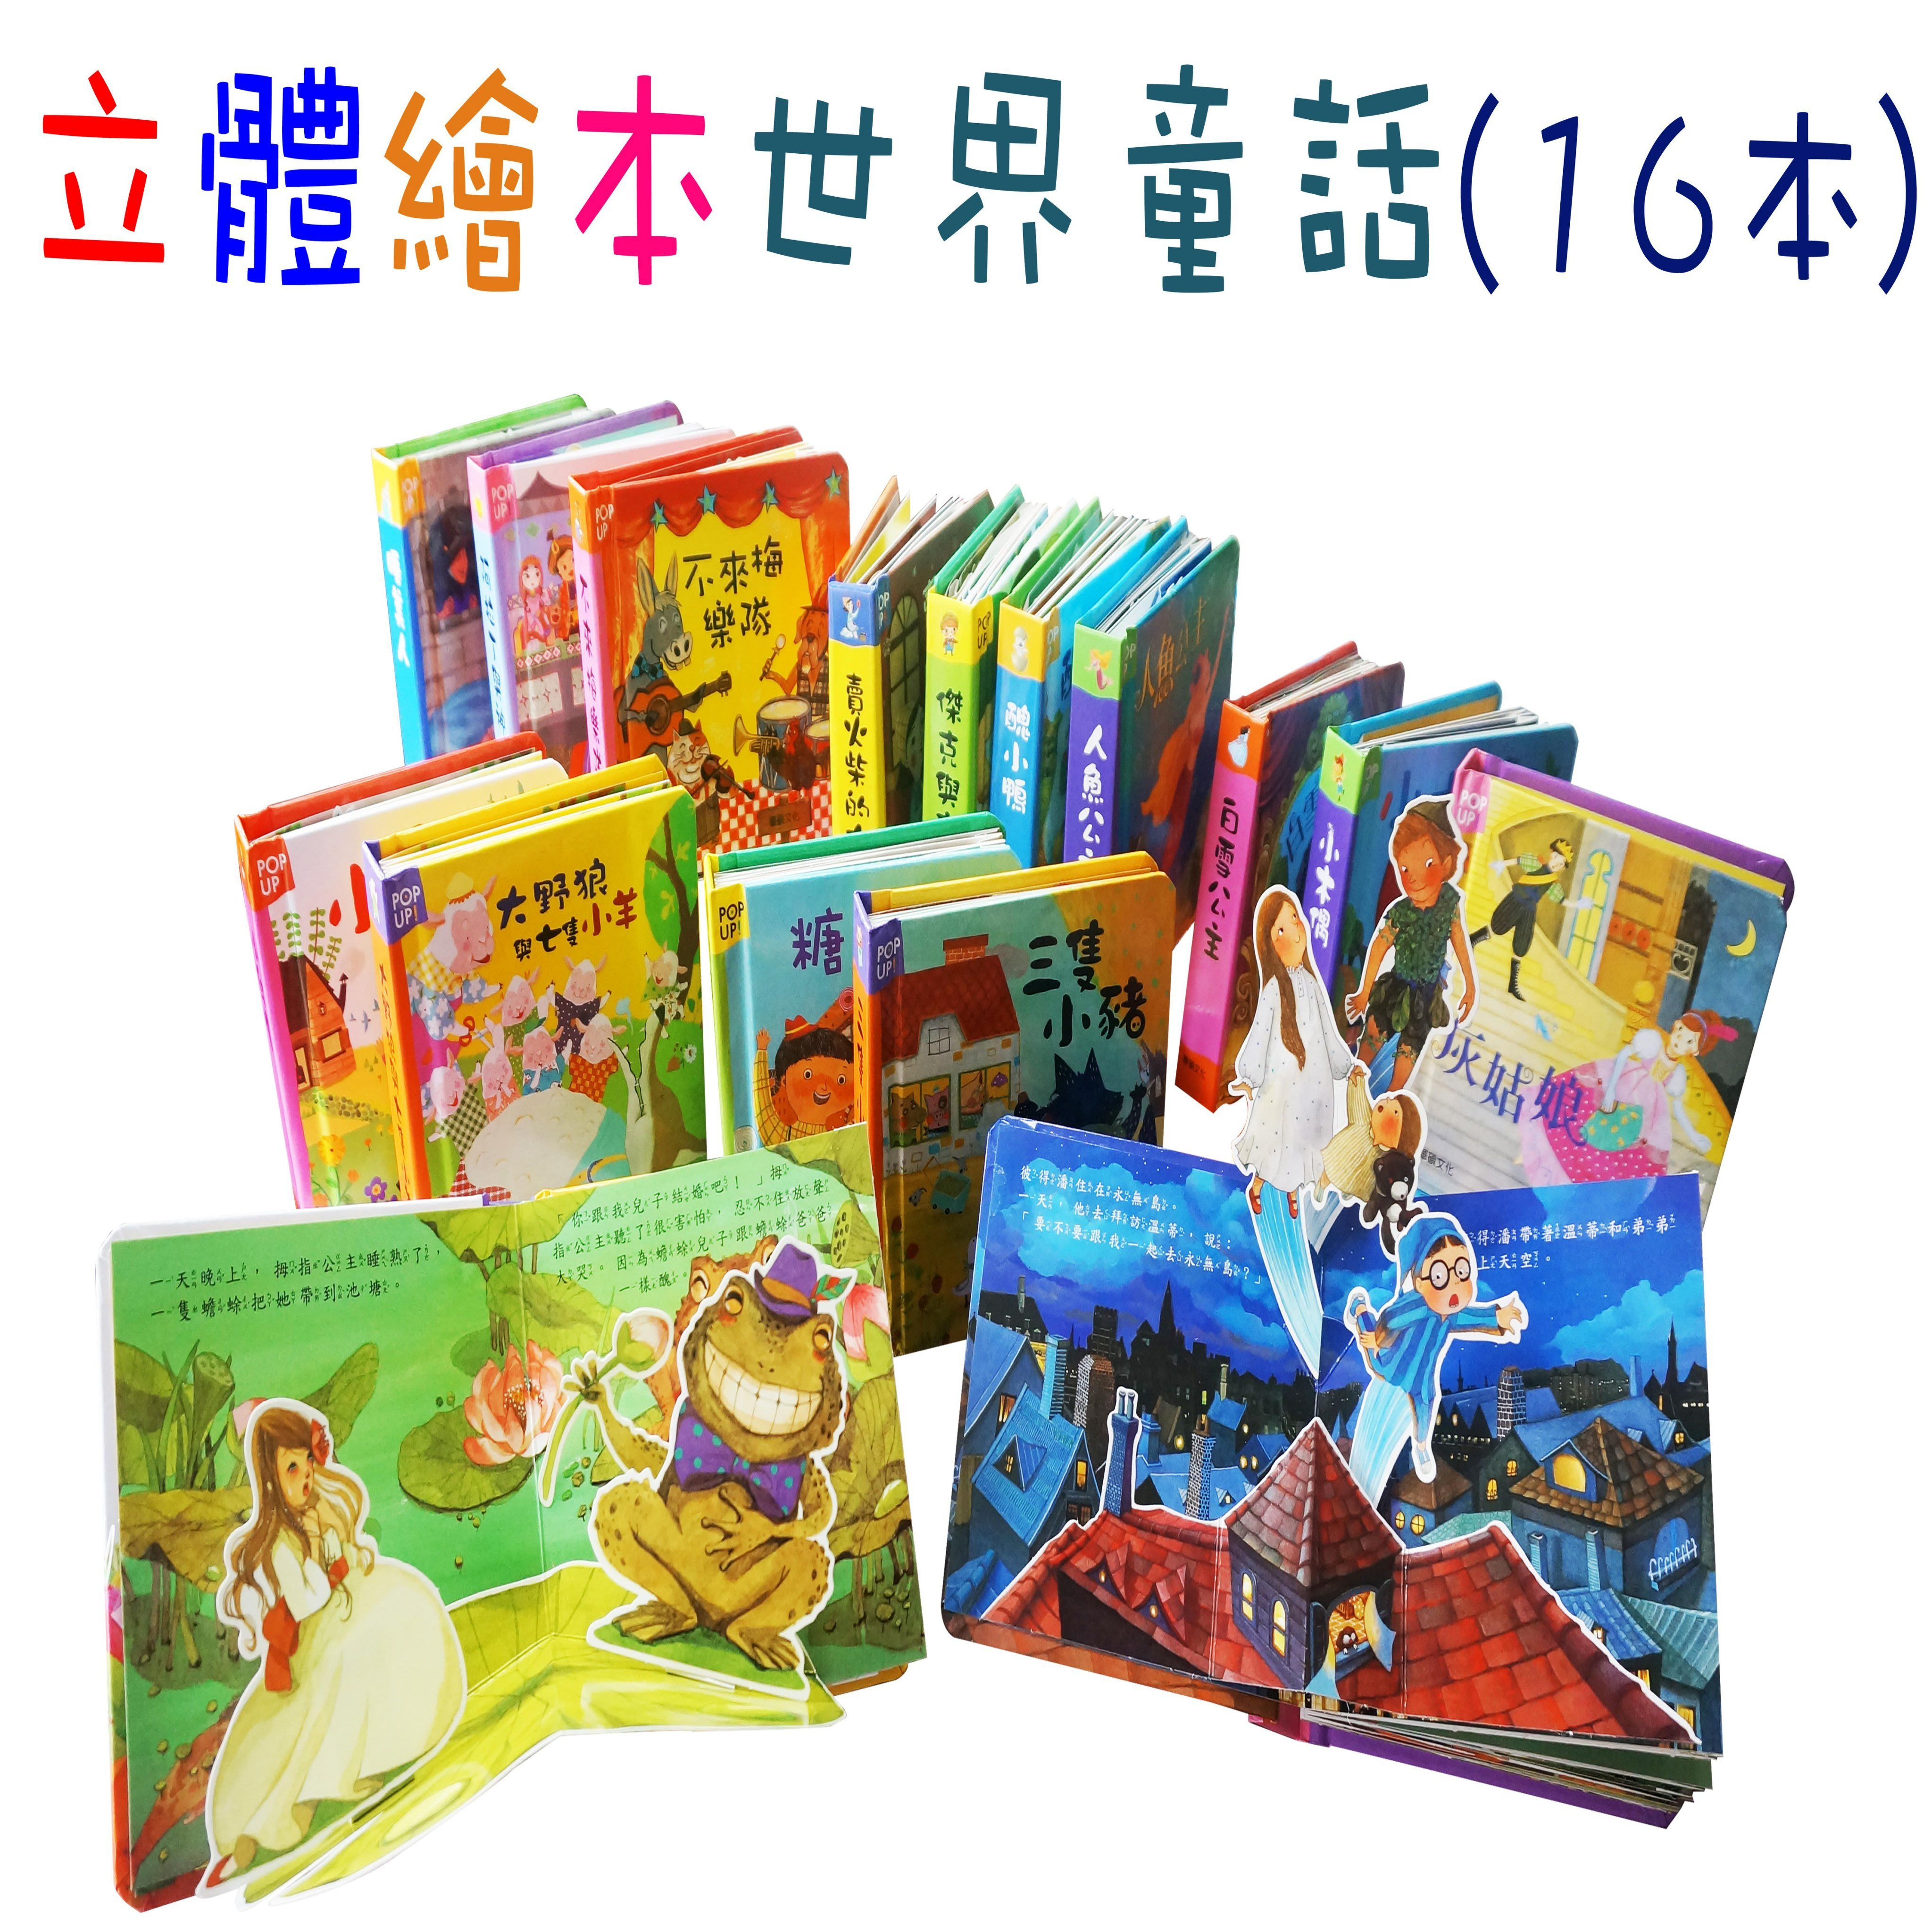 華碩文化 立體繪本世界童話(16本) 小紅帽等16本單本賣場